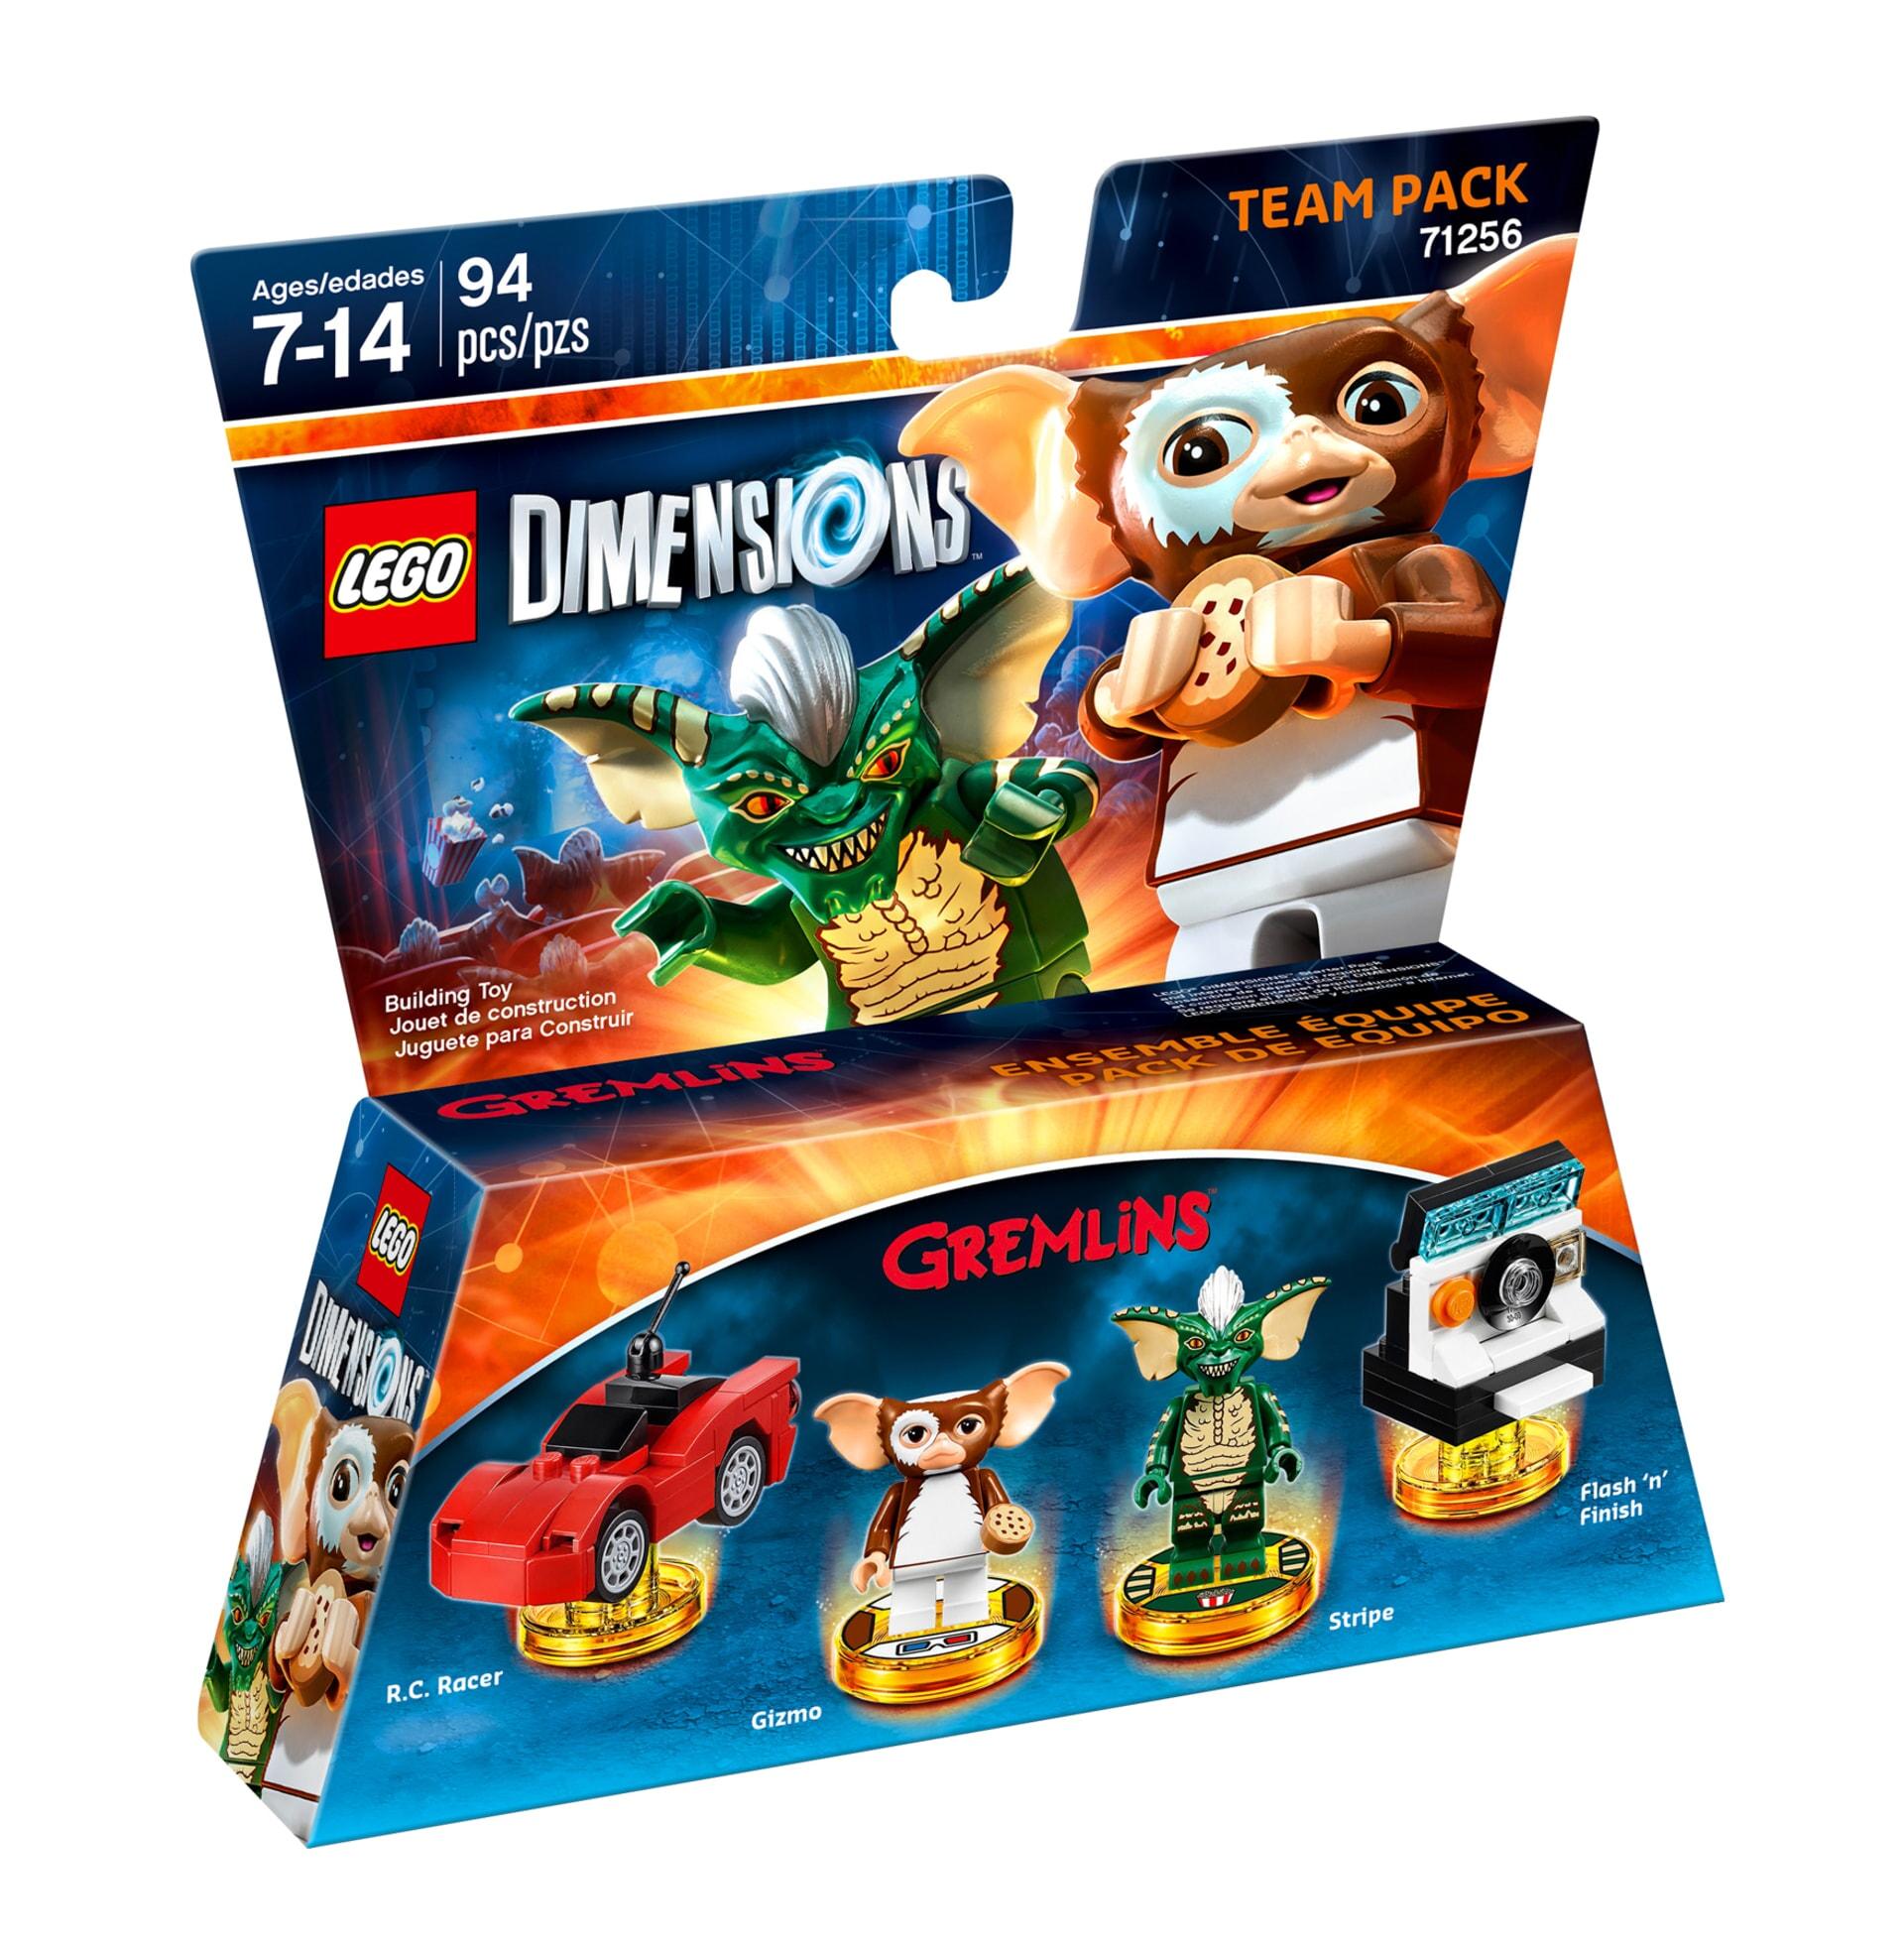 LEGO Gremlins Team Pack